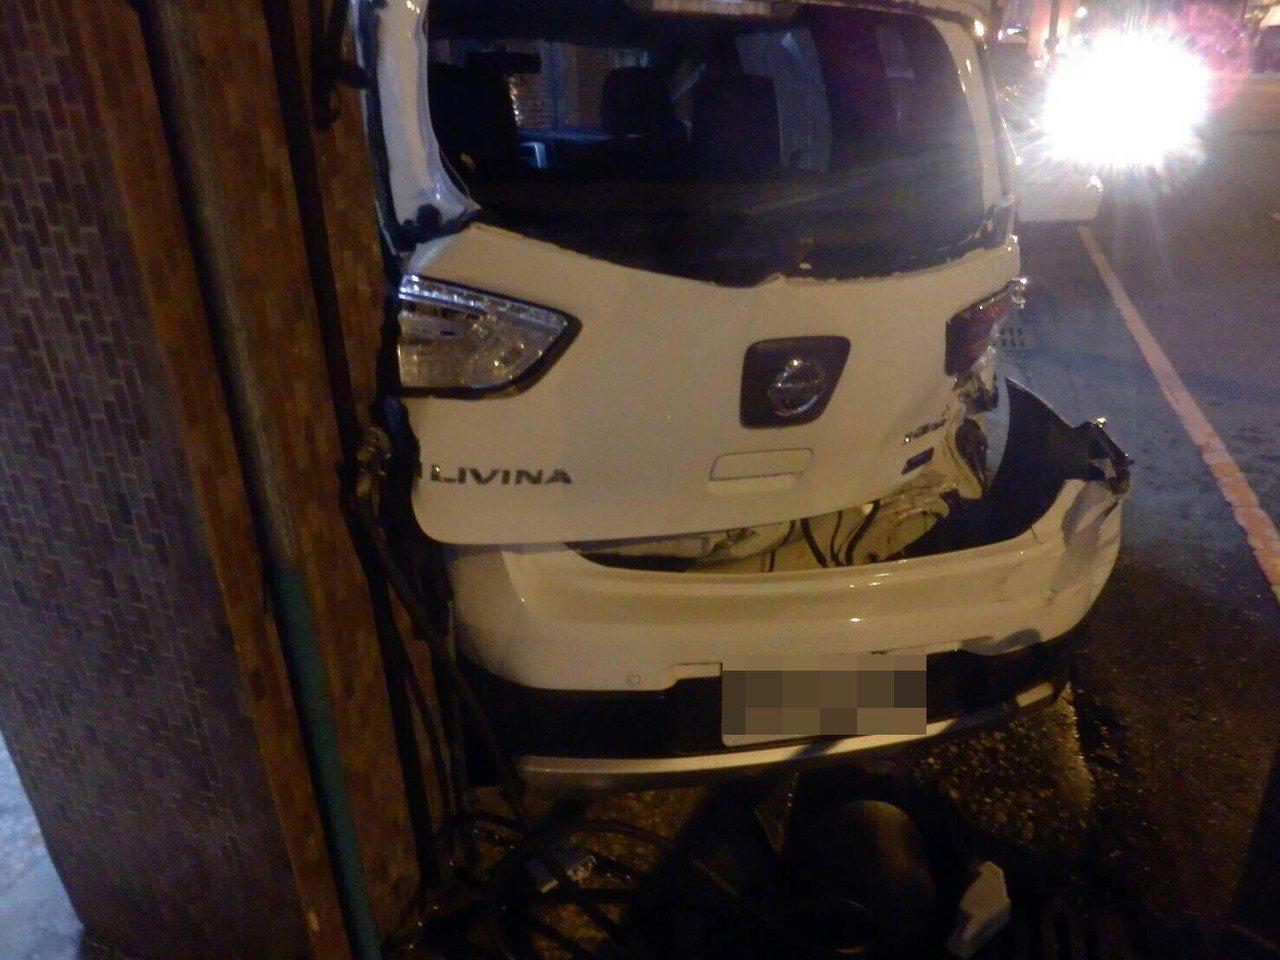 台中市北區民權路今天凌晨發生肇事逃逸車禍。記者游振昇/翻攝